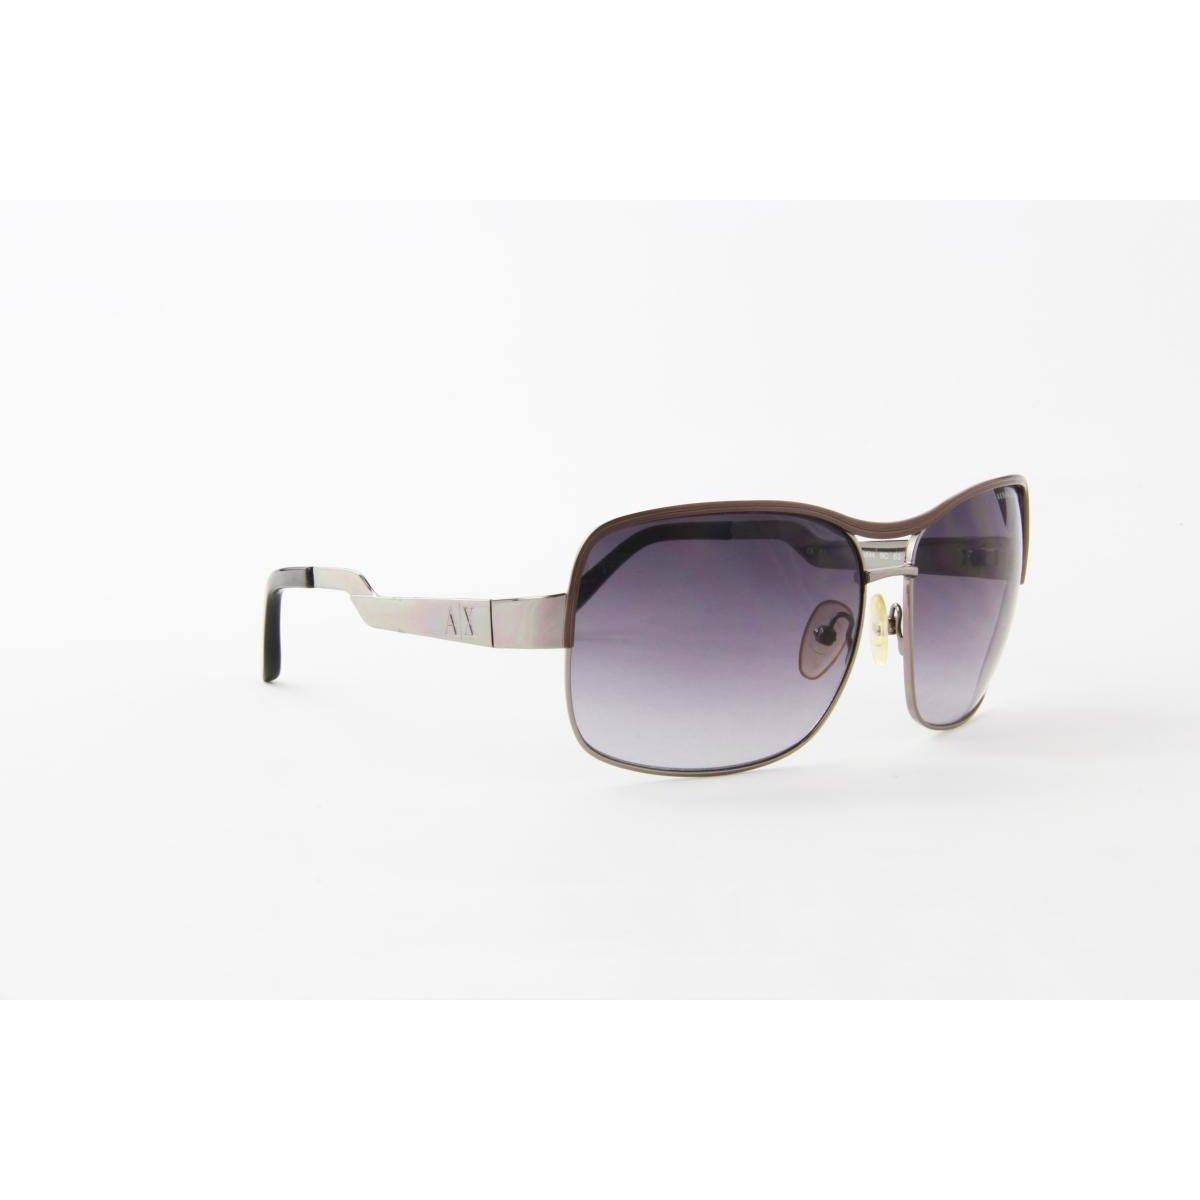 7f8de411e0214 Óculos de Sol Armani Exchange em Metal Lente Degradê - Compre Agora ...